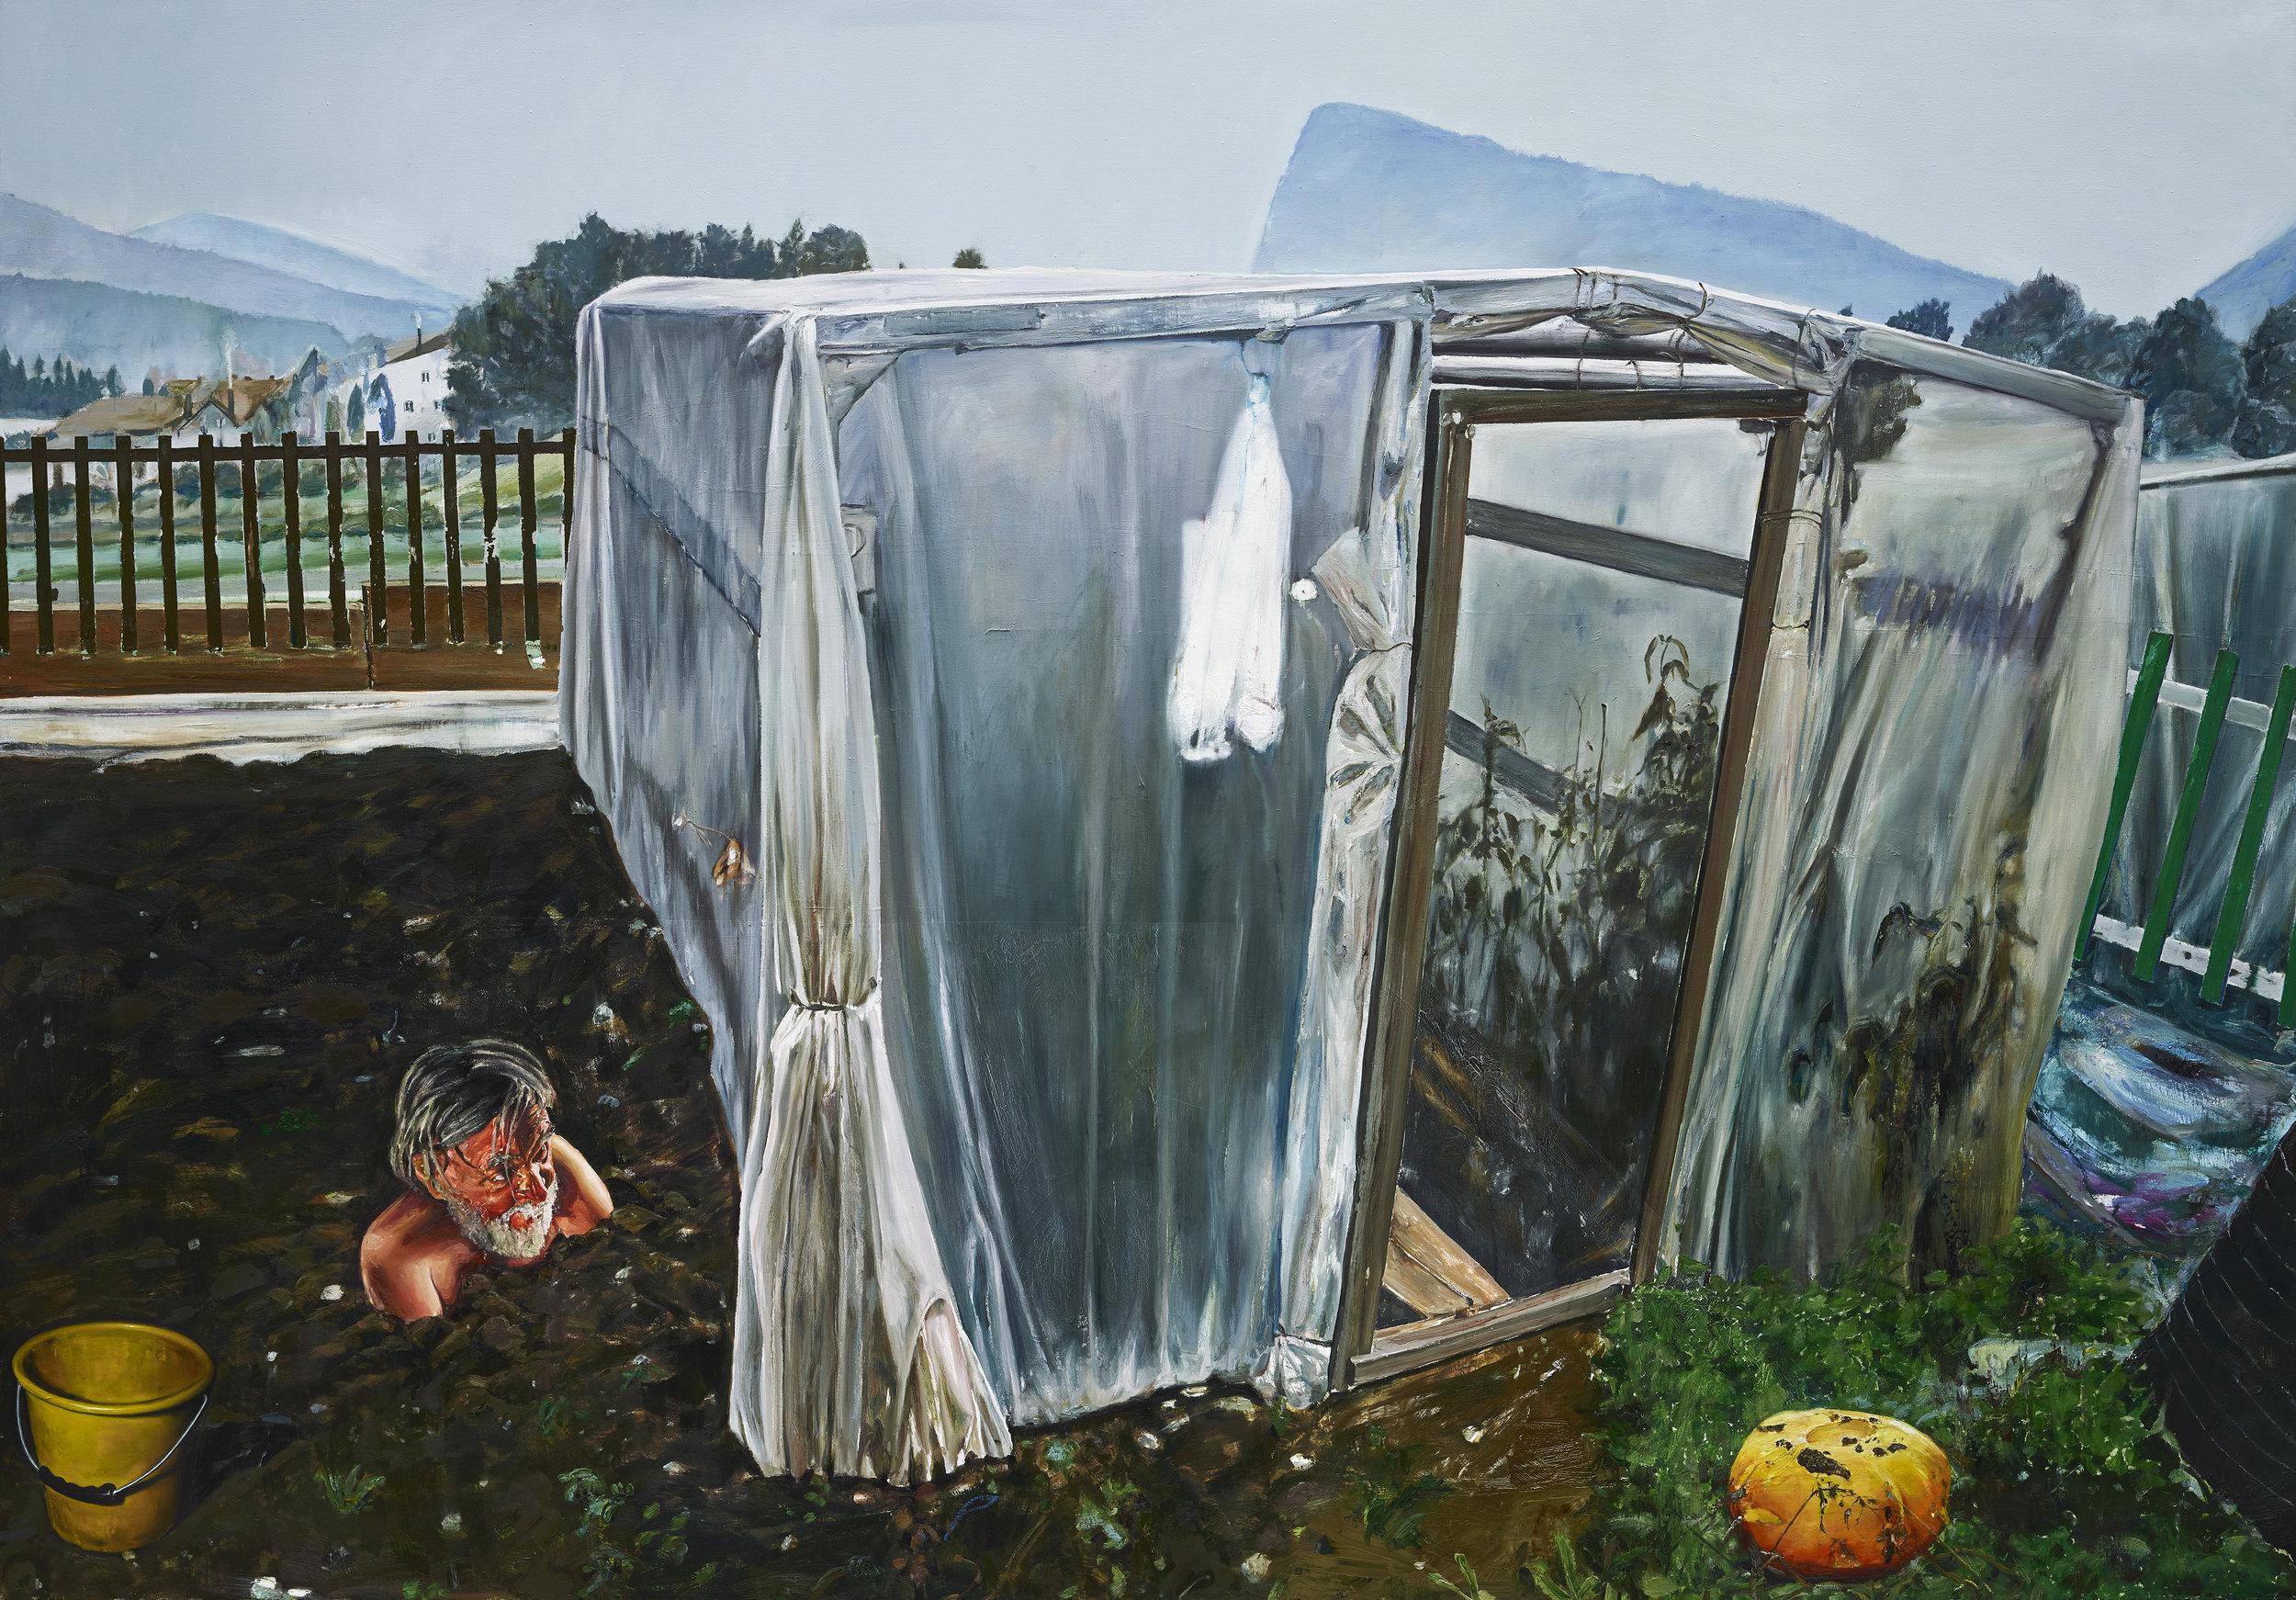 © Léopold Rabus, %22Portrait de François%22, huile sur toile, 300x220 cm, 2017. Courtesy Galerie C.jpg